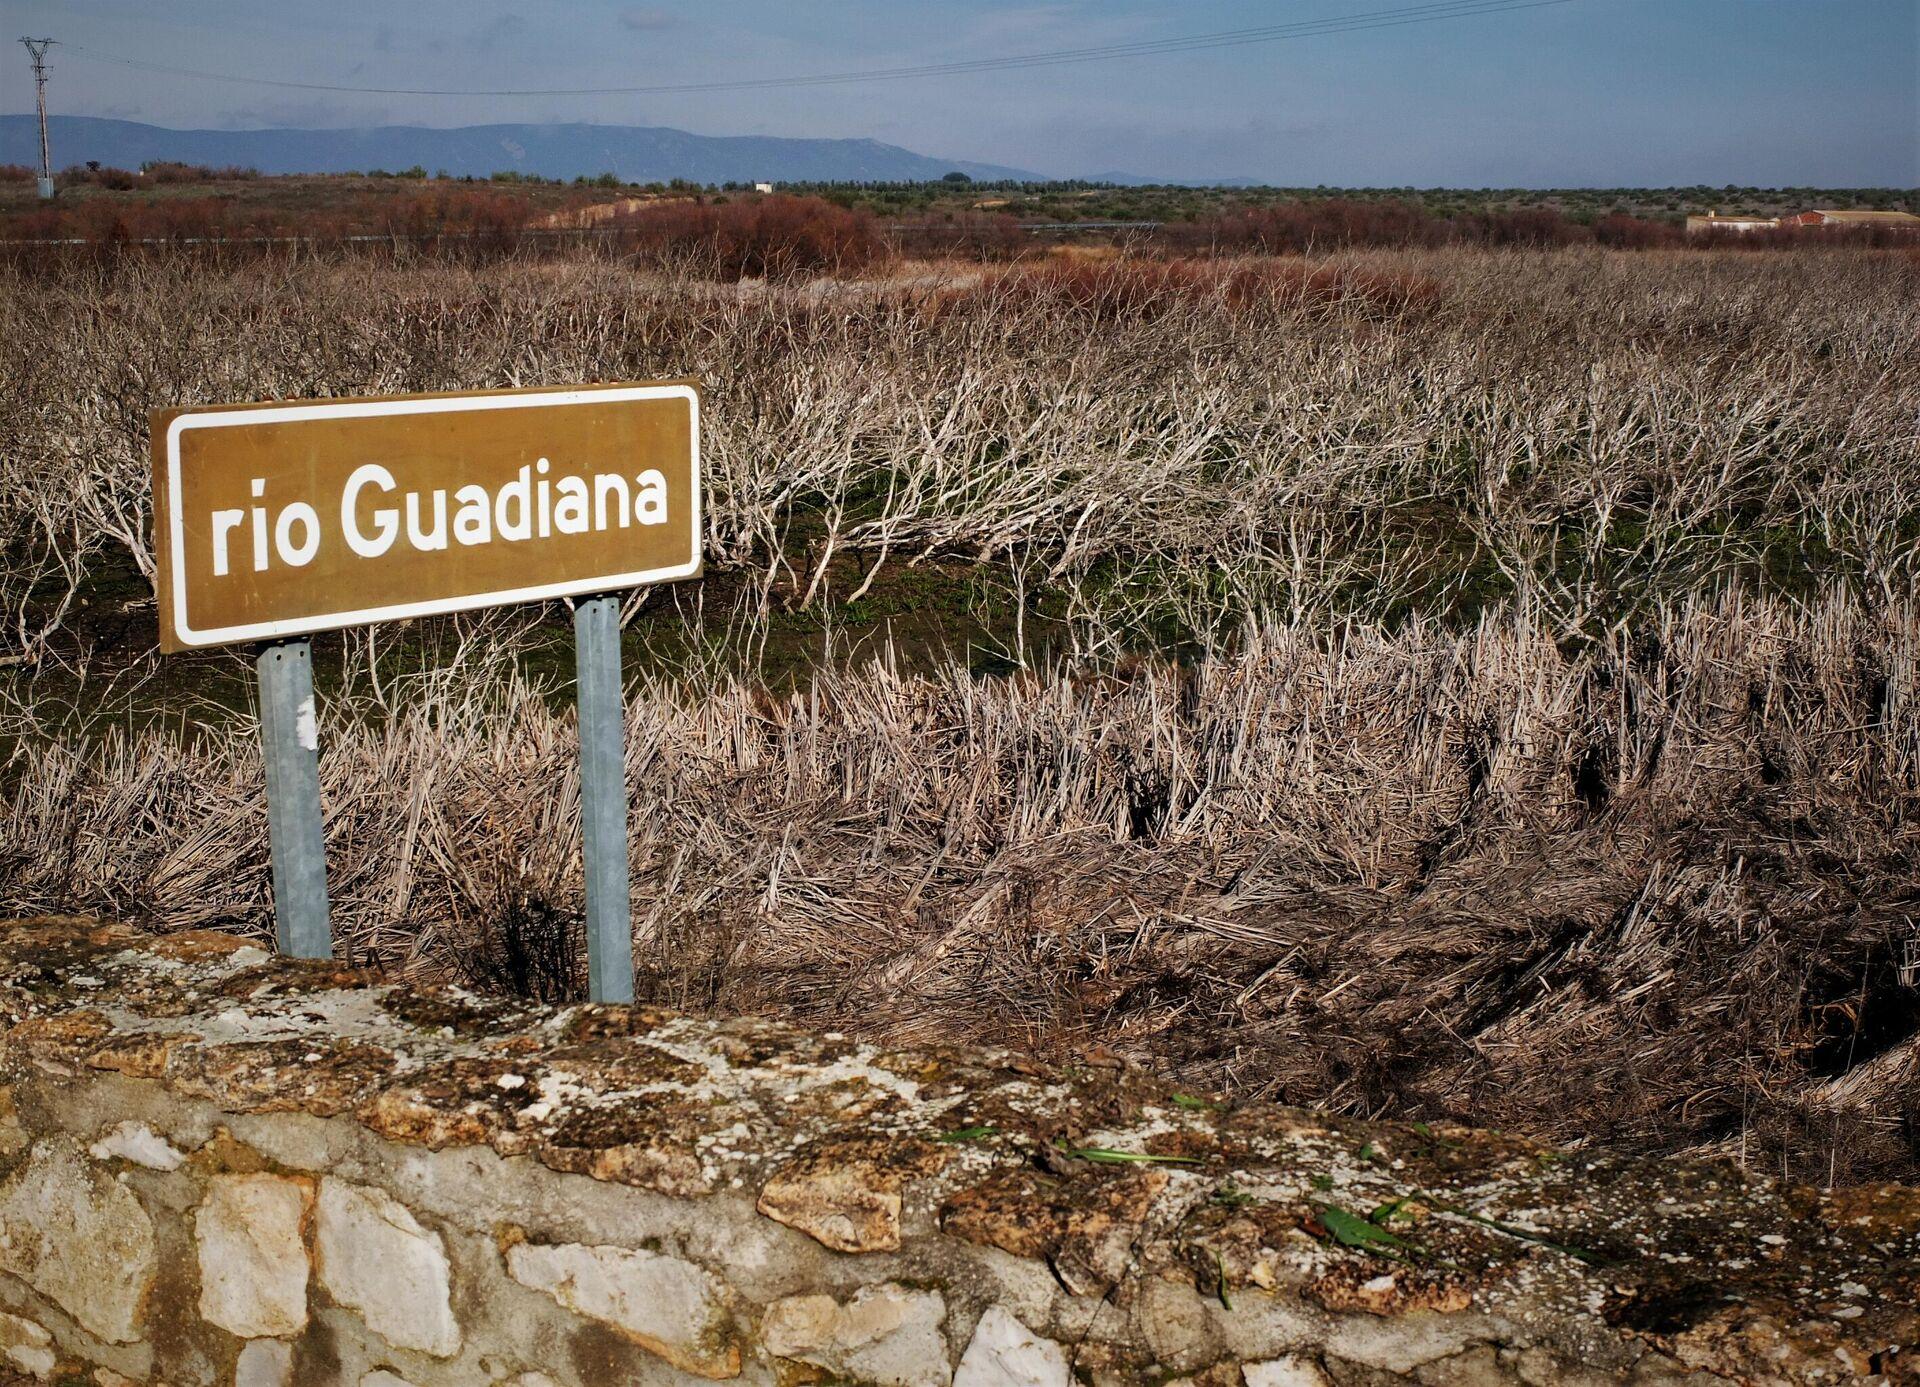 El río Guadiana, a su paso por Las Tablas de Daimiel, Parque Natural de Ciudad Real (España) - Sputnik Mundo, 1920, 27.08.2021